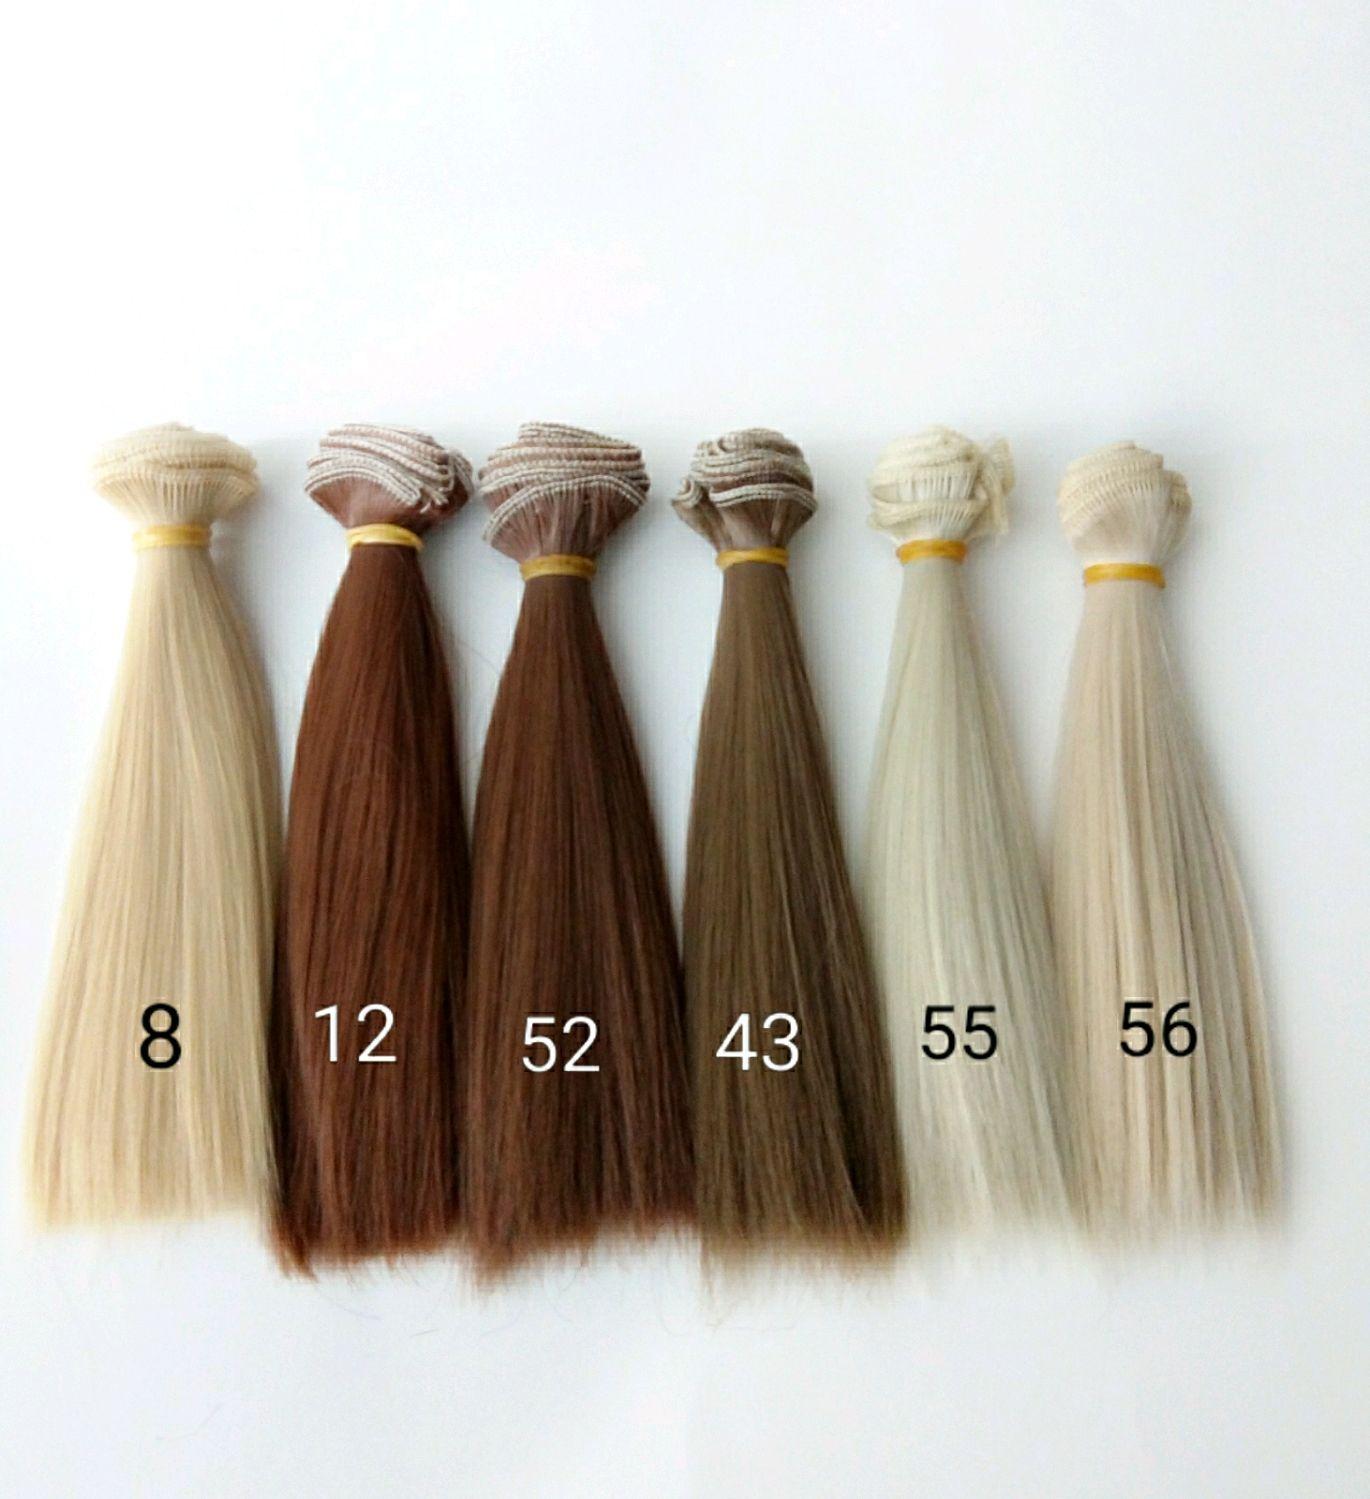 Волосы  трессы для кукол 15 см, Волосы для кукол, Дзержинск,  Фото №1